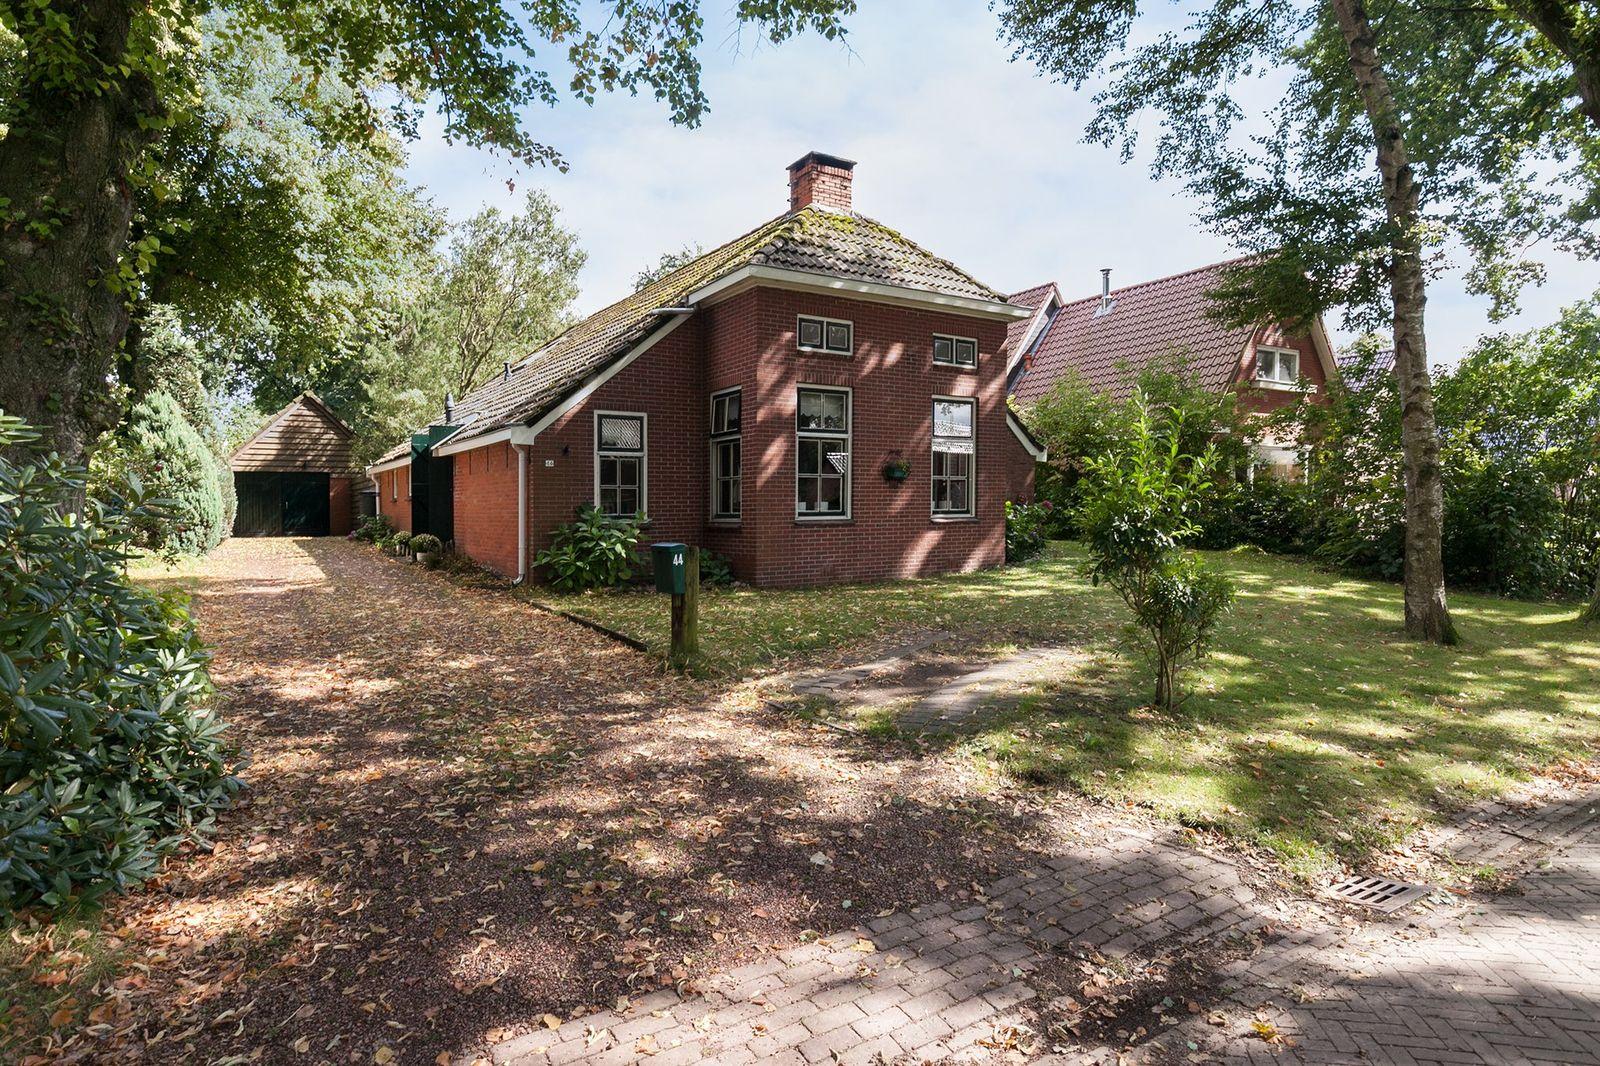 Dorpsstraat 44, Zuidlaarderveen